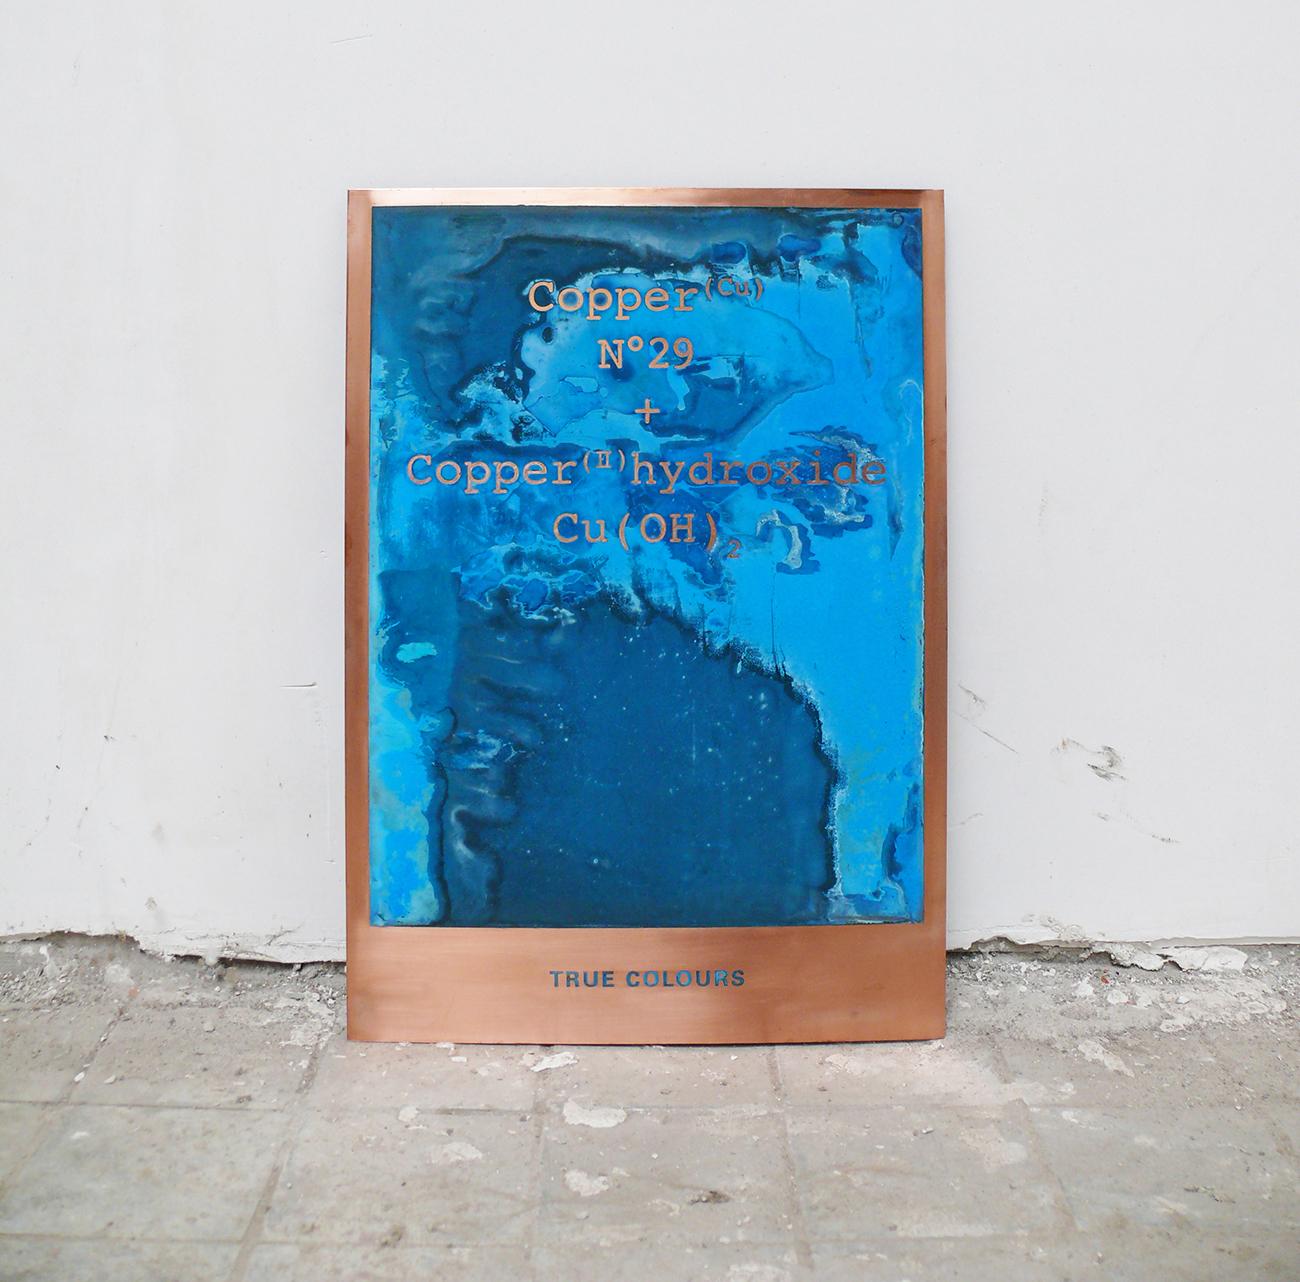 True Colours Panels. Lex Pott. (2010)